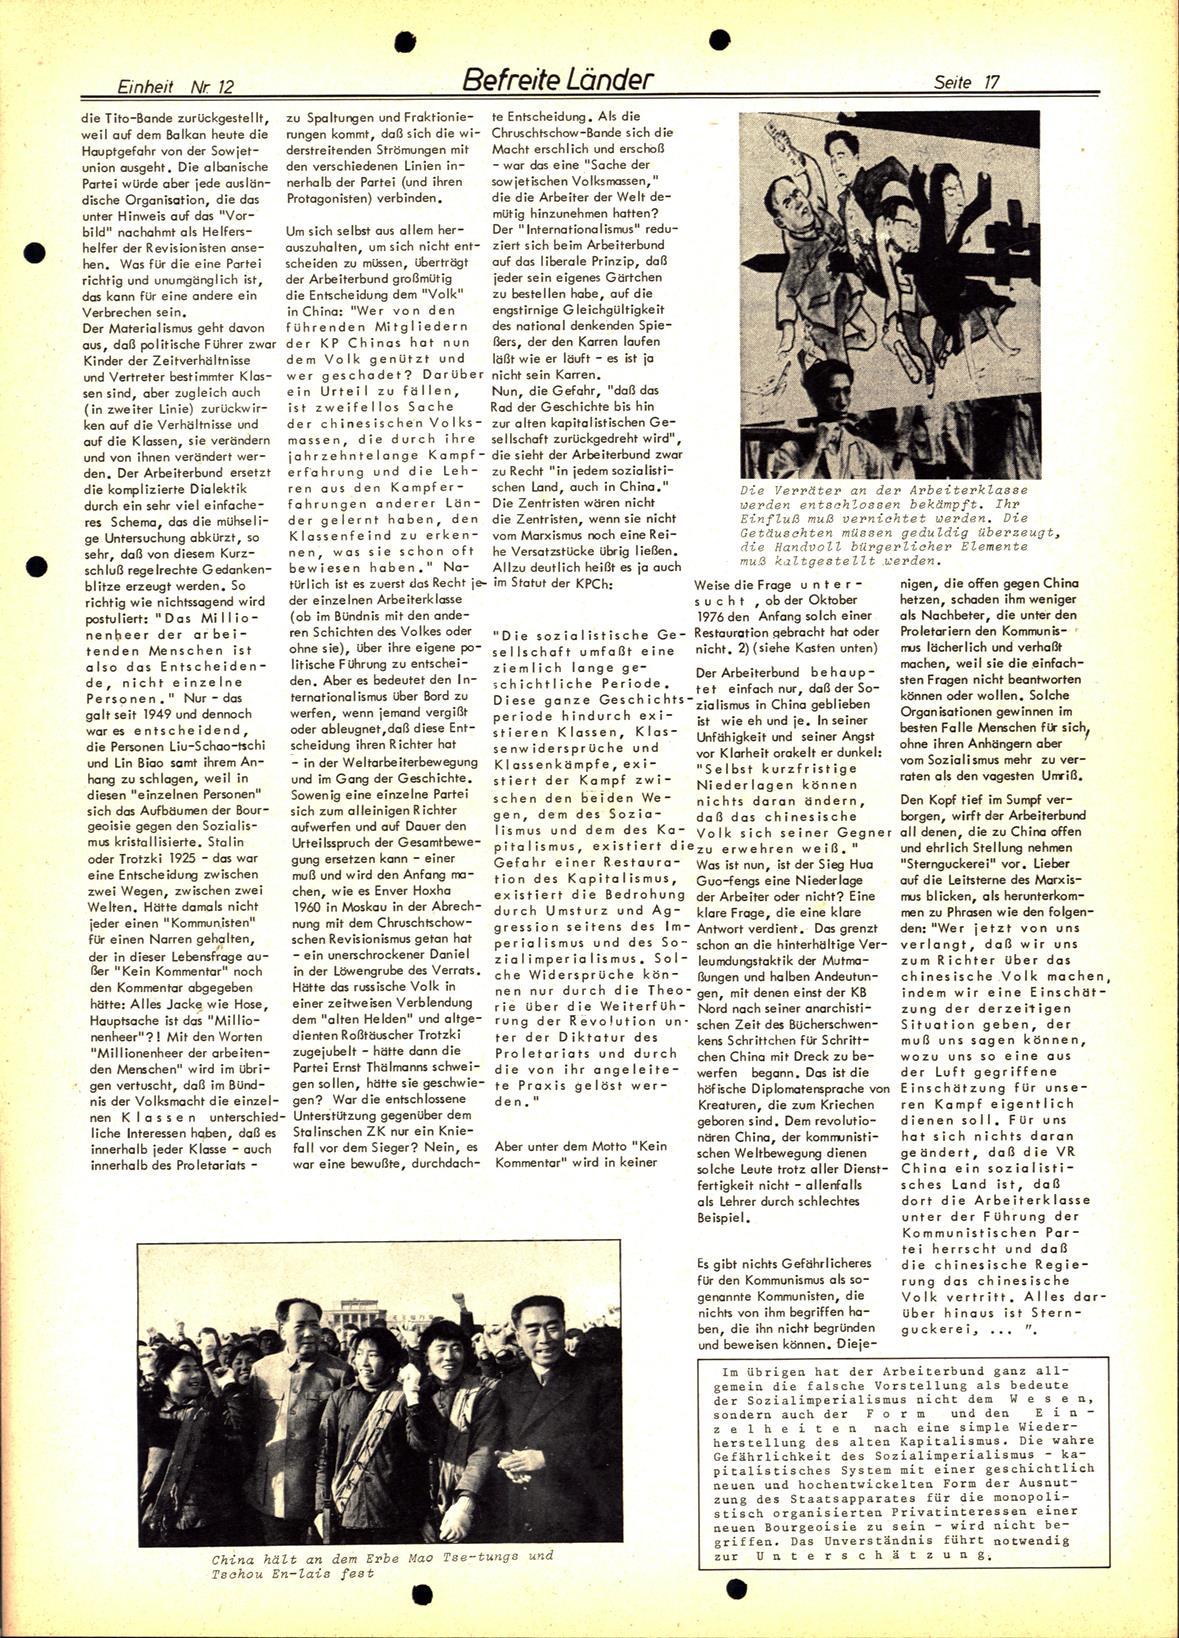 Koeln_IPdA_Einheit_1977_012_017